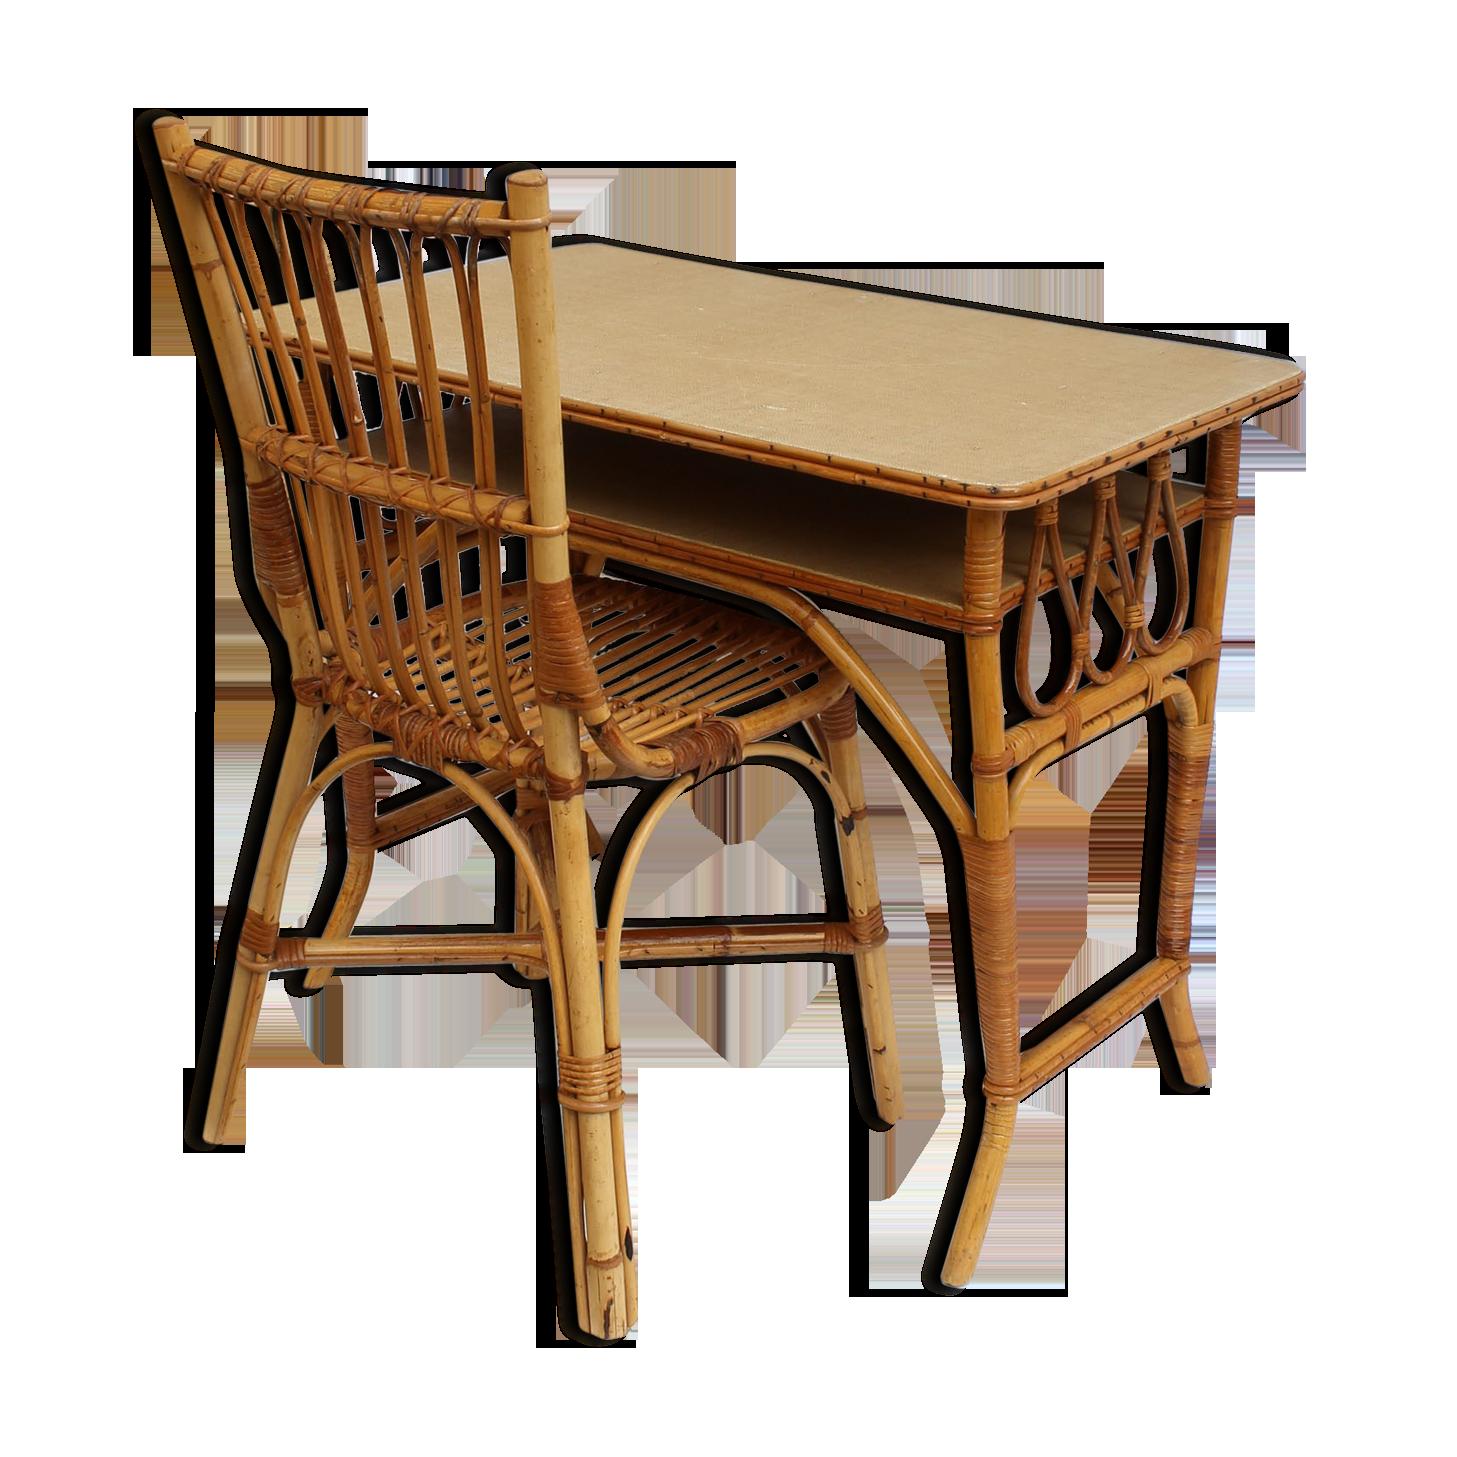 Bureau rotin avec sa chaise couleur brocante